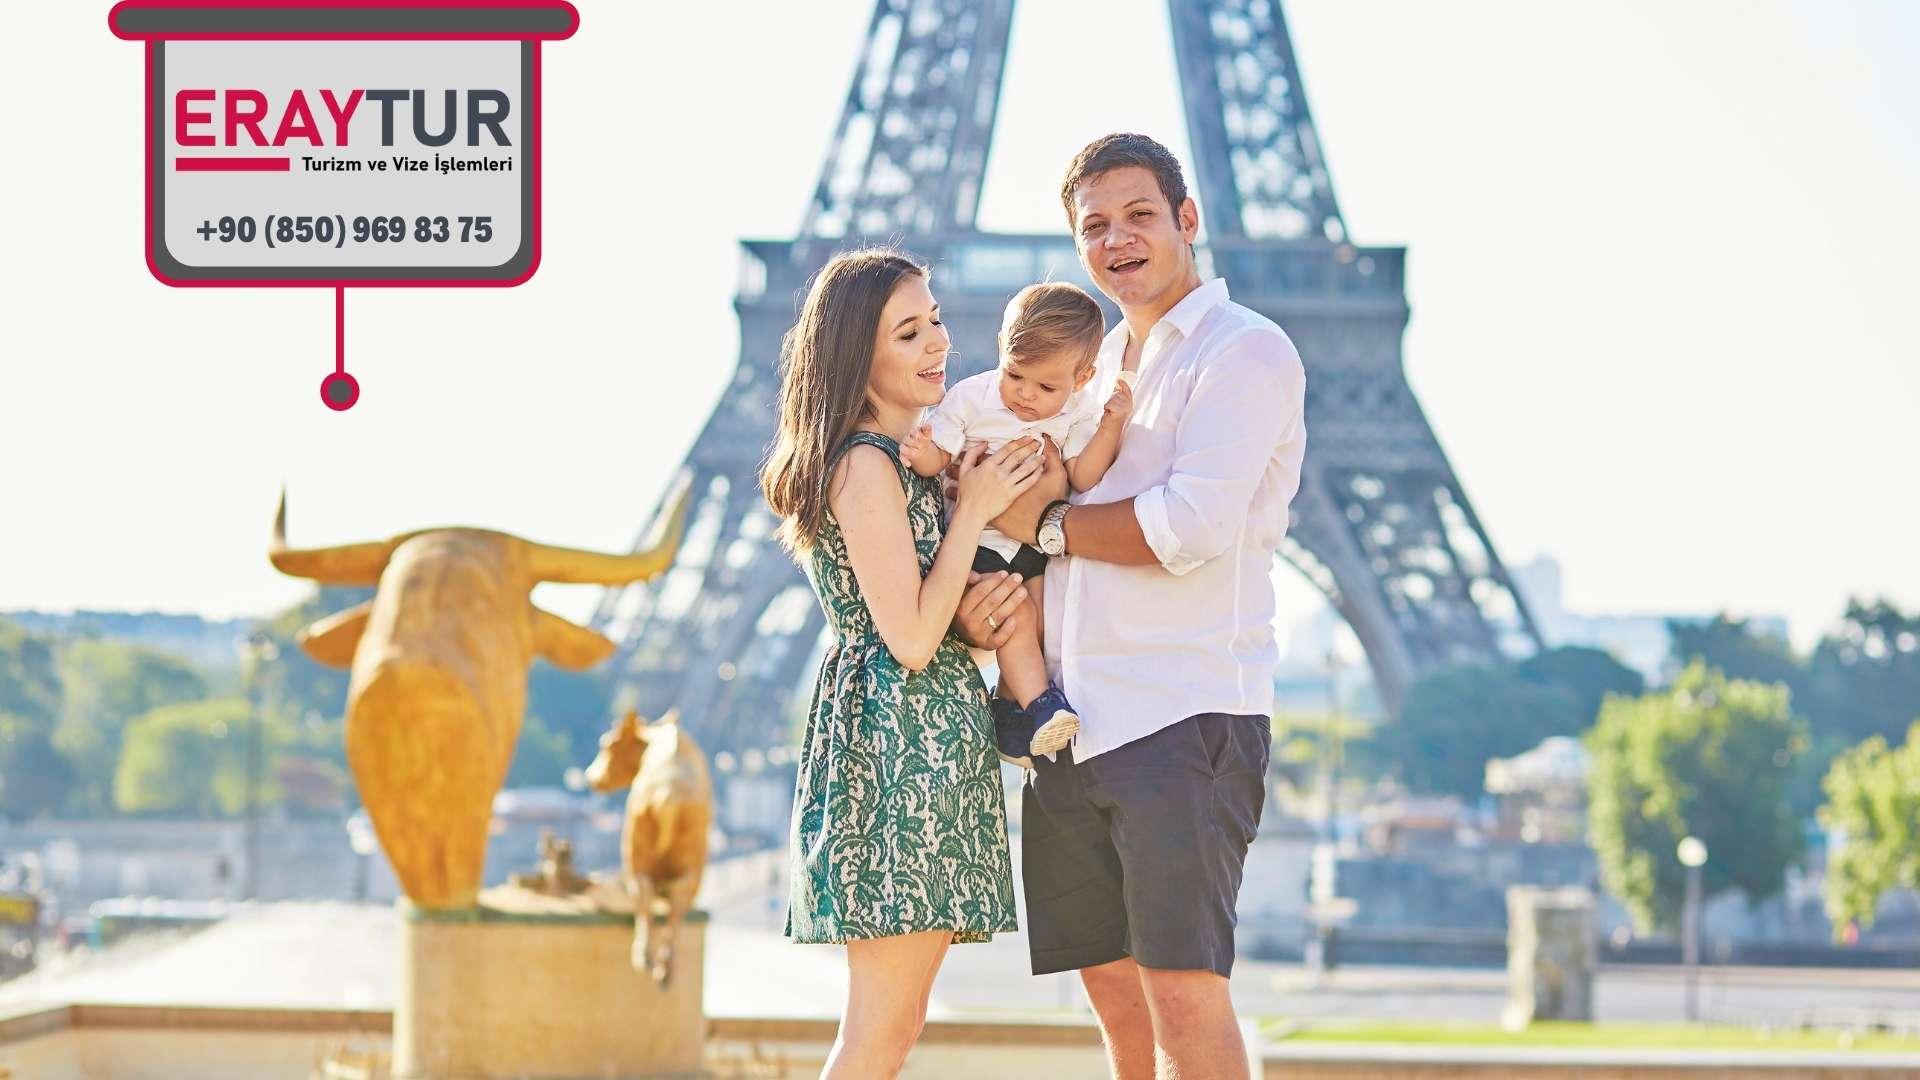 Fransa Aile Ziyareti Vize Dilekçe Örneği